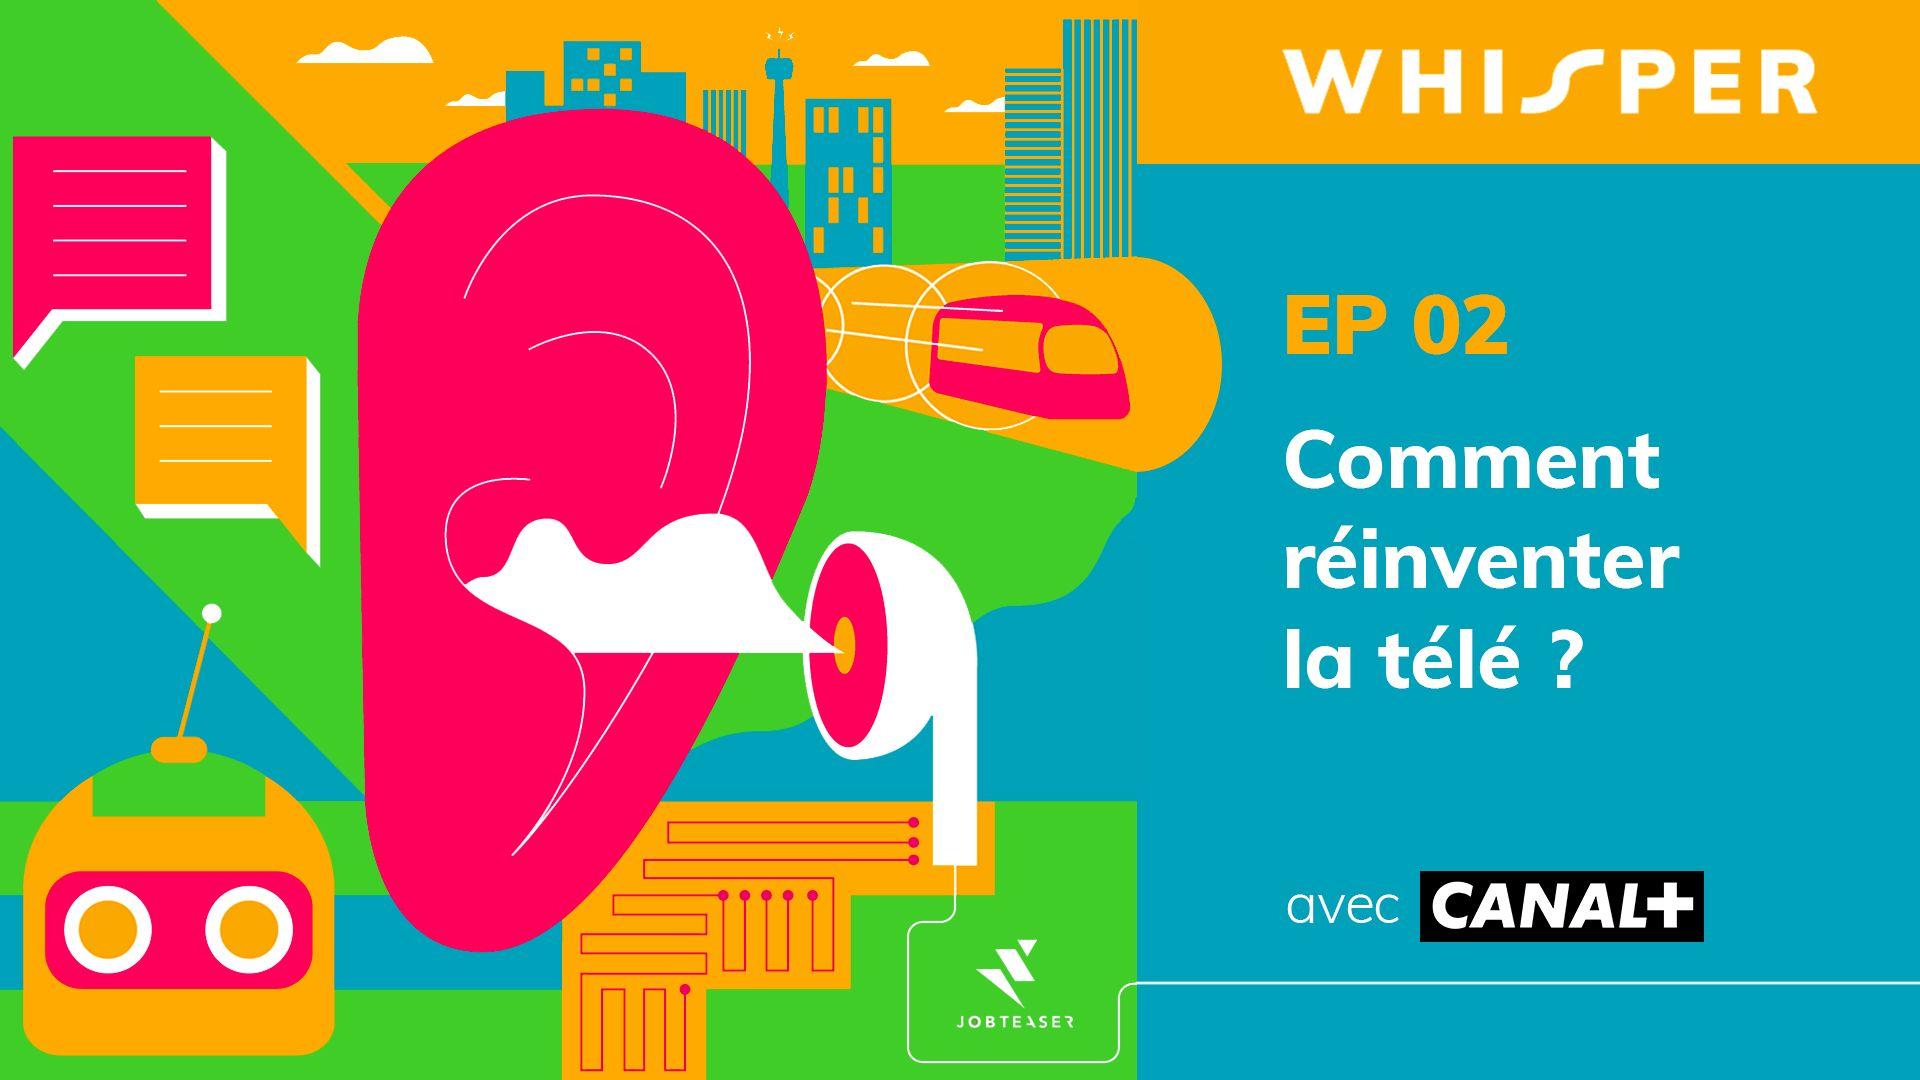 Ecoutez CANAL+ en 2019